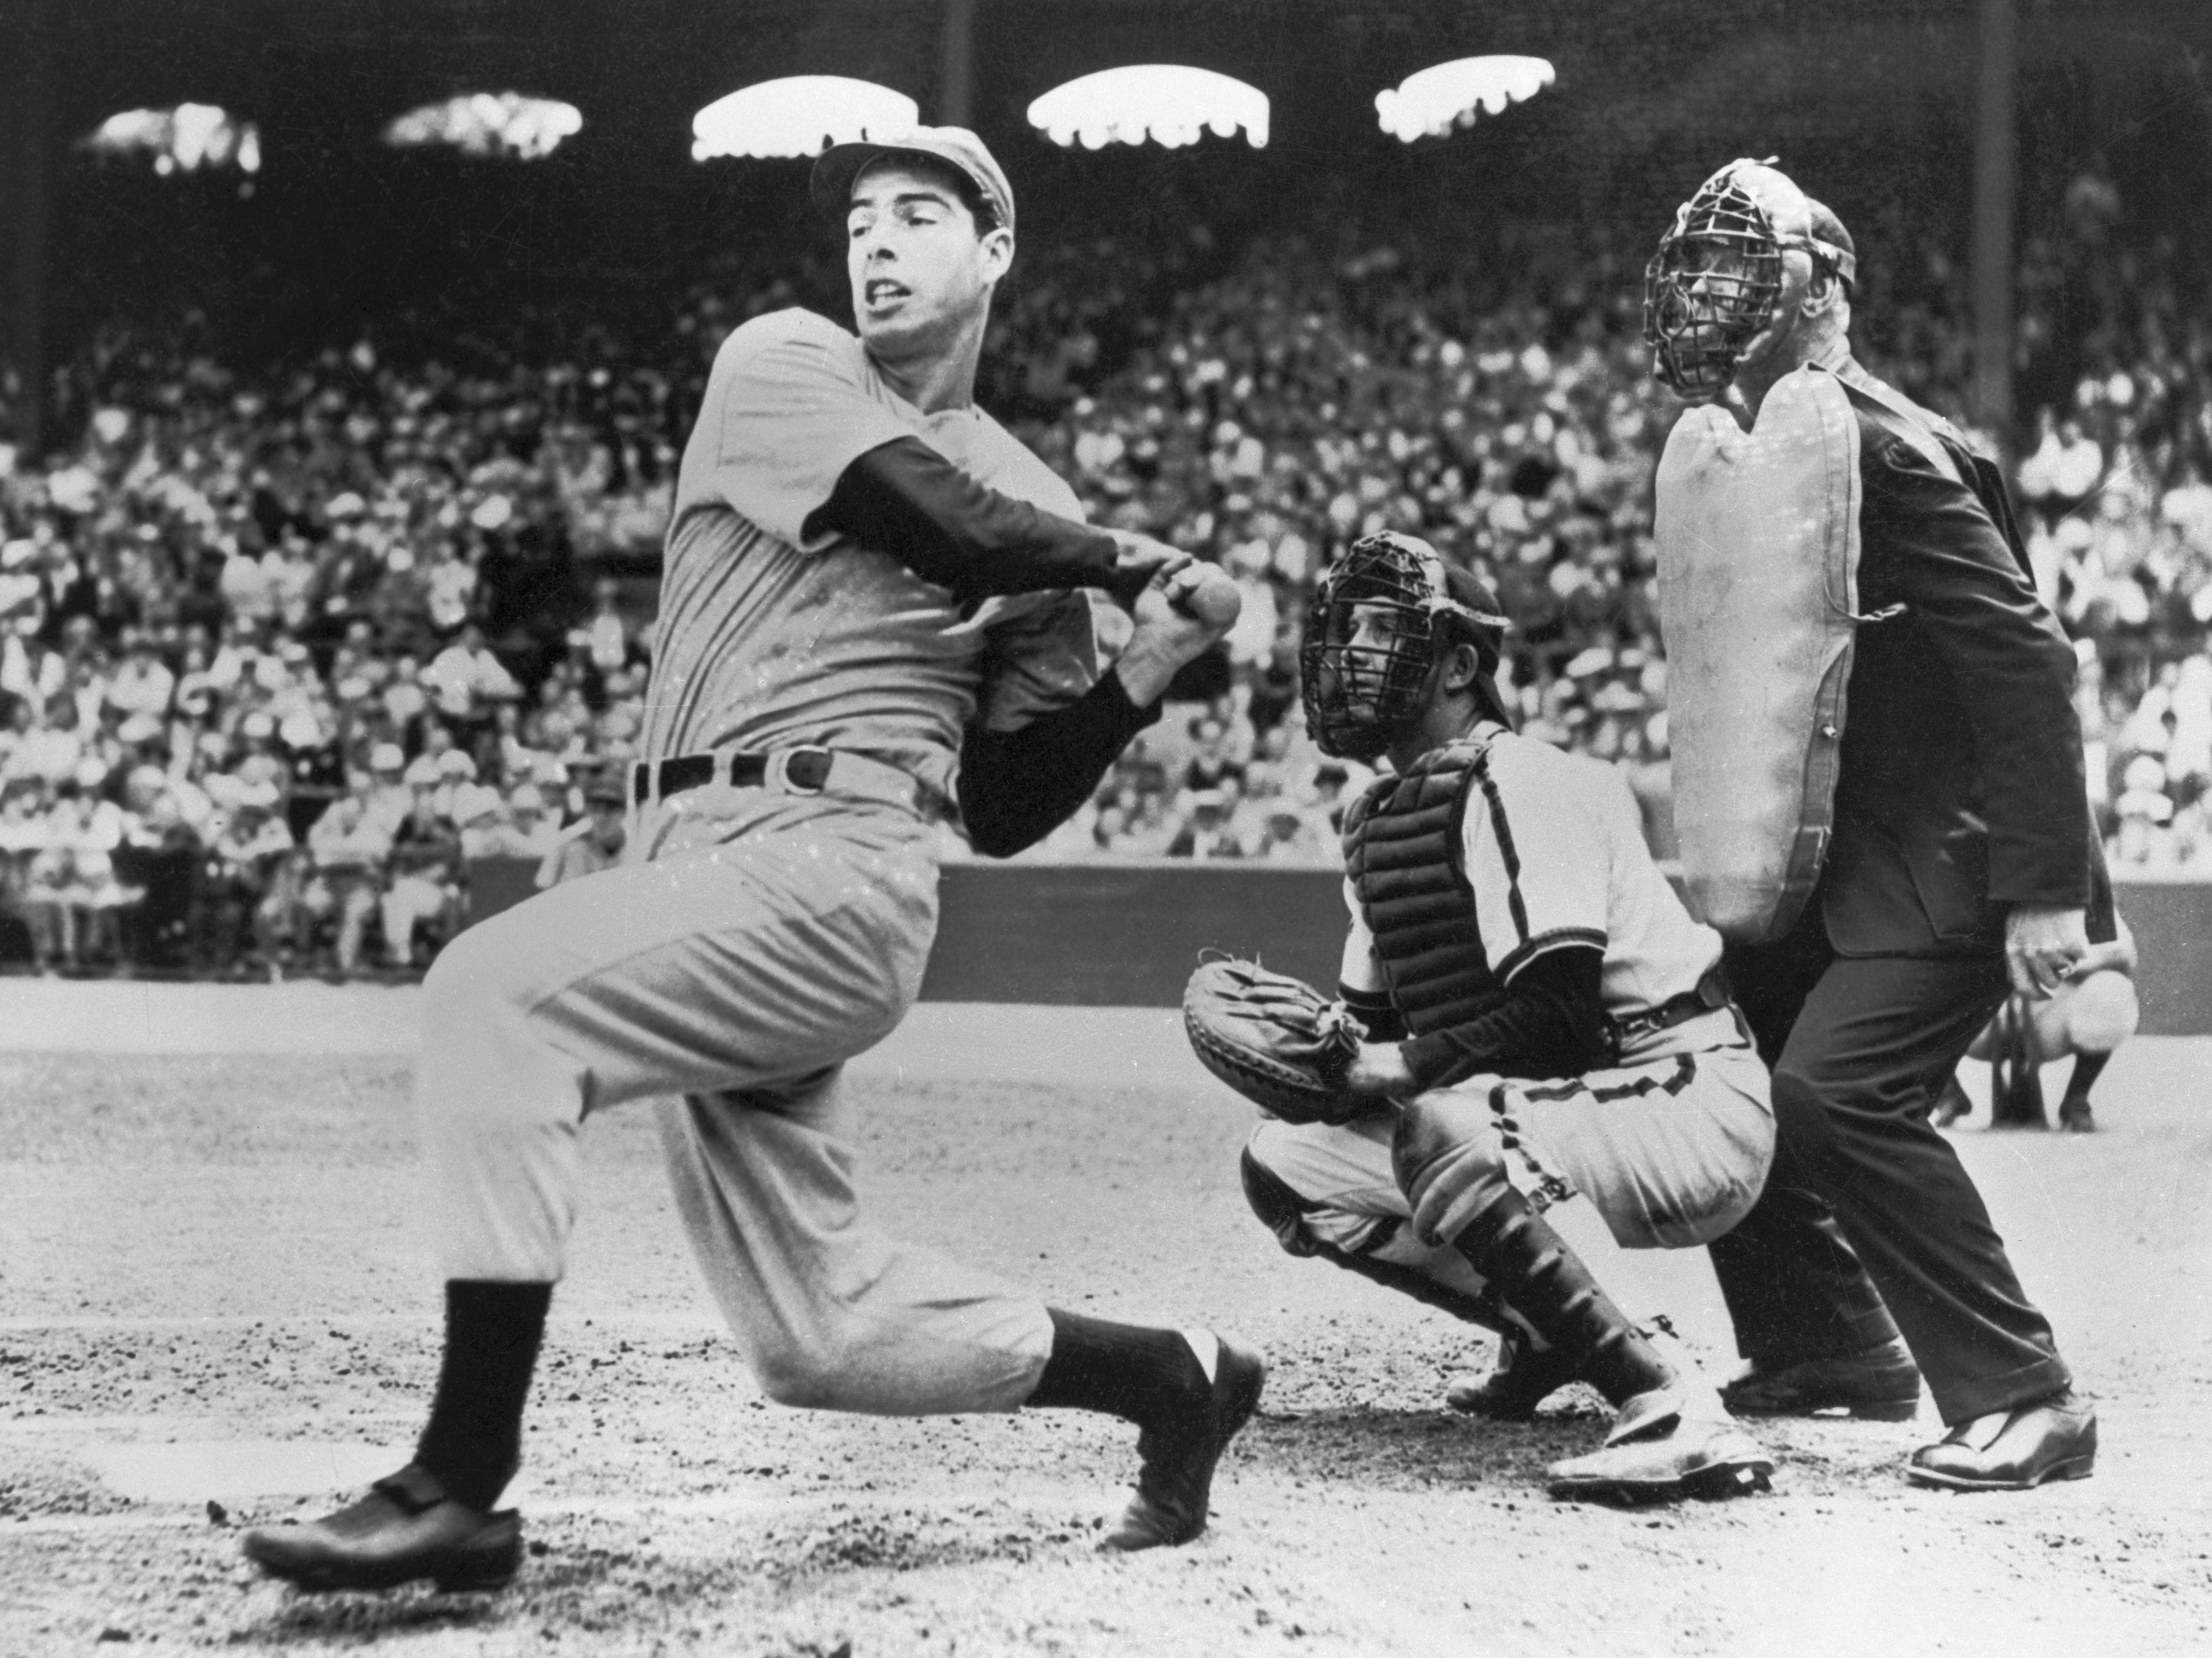 Joe DiMaggio at the plate